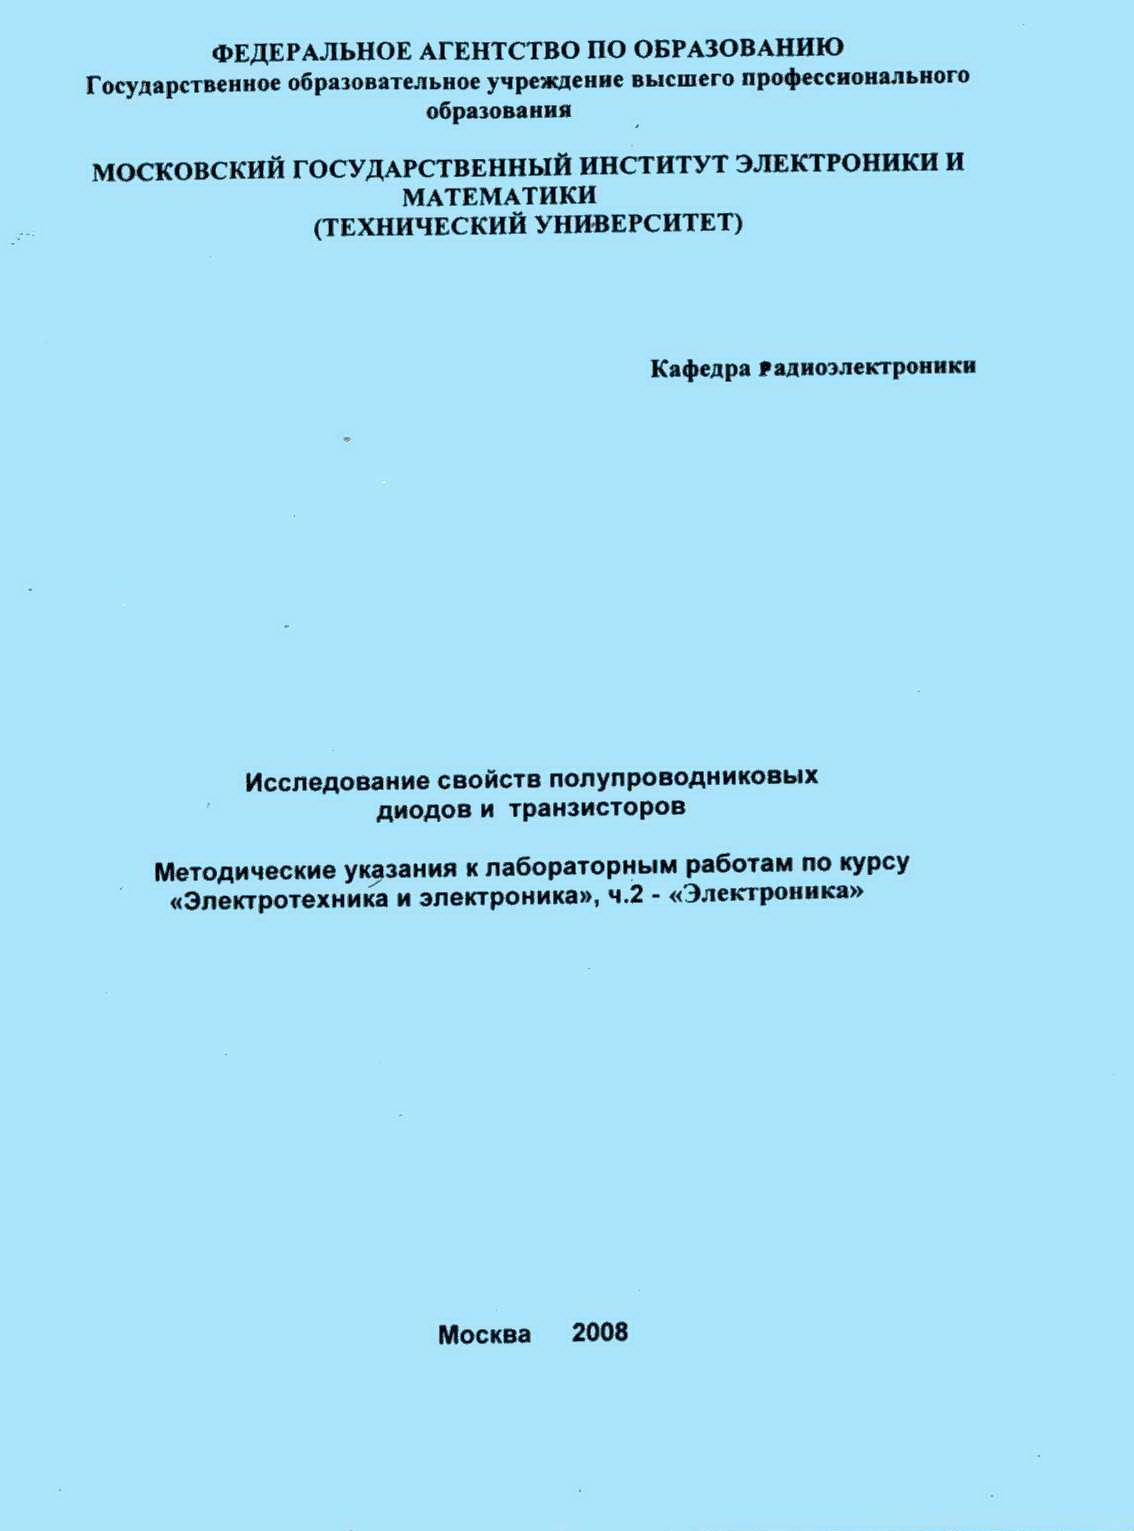 Исследование свойств полупроводниковых диодов и транзисторов. Методические указания к лабораторным работам по курсу «Электротехника и электроника», ч.2, «Электроника».